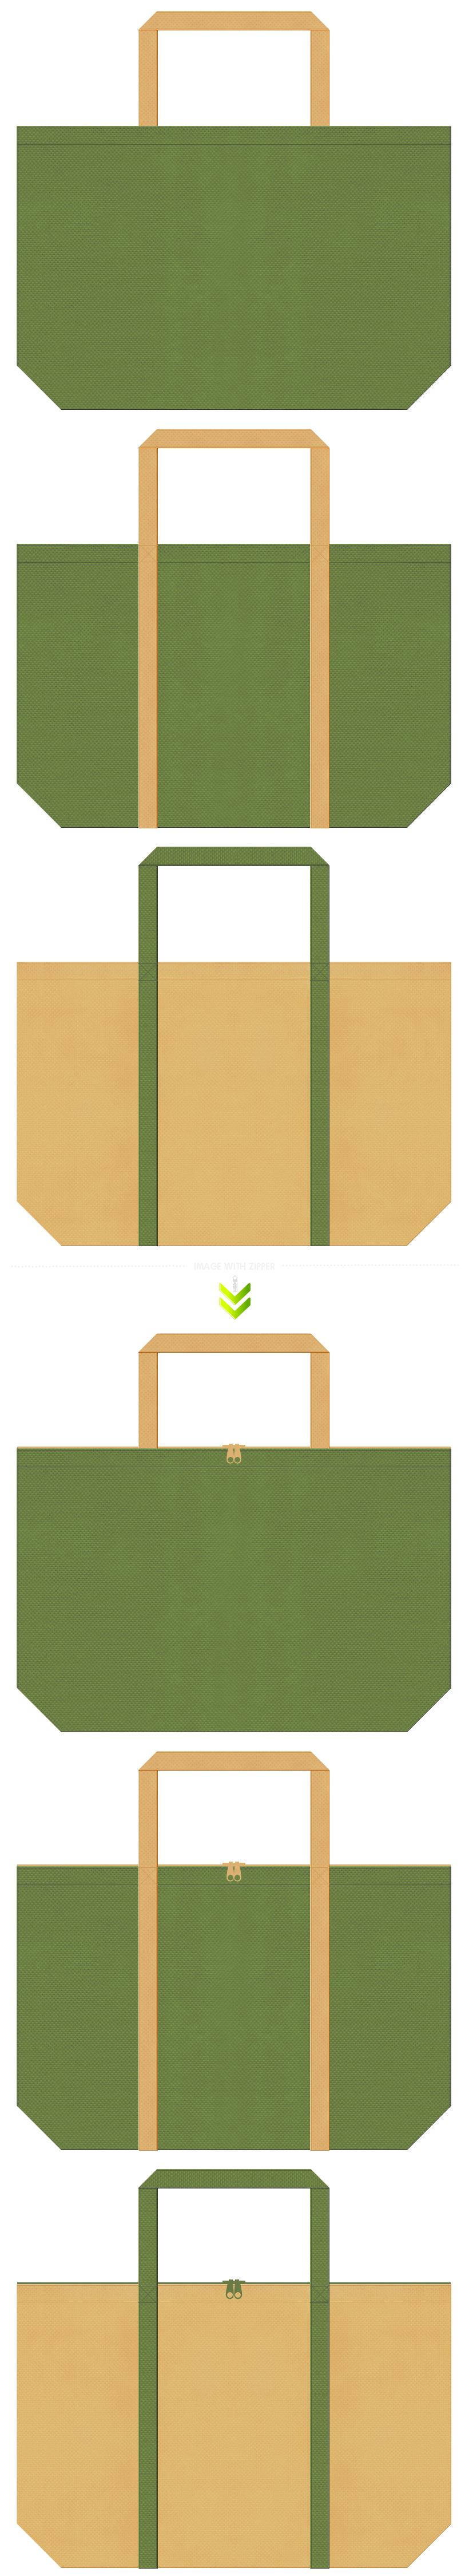 草色と薄黄土色の不織布バッグデザイン。竹製品・檜風呂のイメージで、旅館のアメニティーや民芸品のショッピングバッグ、お城イベントのノベルティにお奨めです。